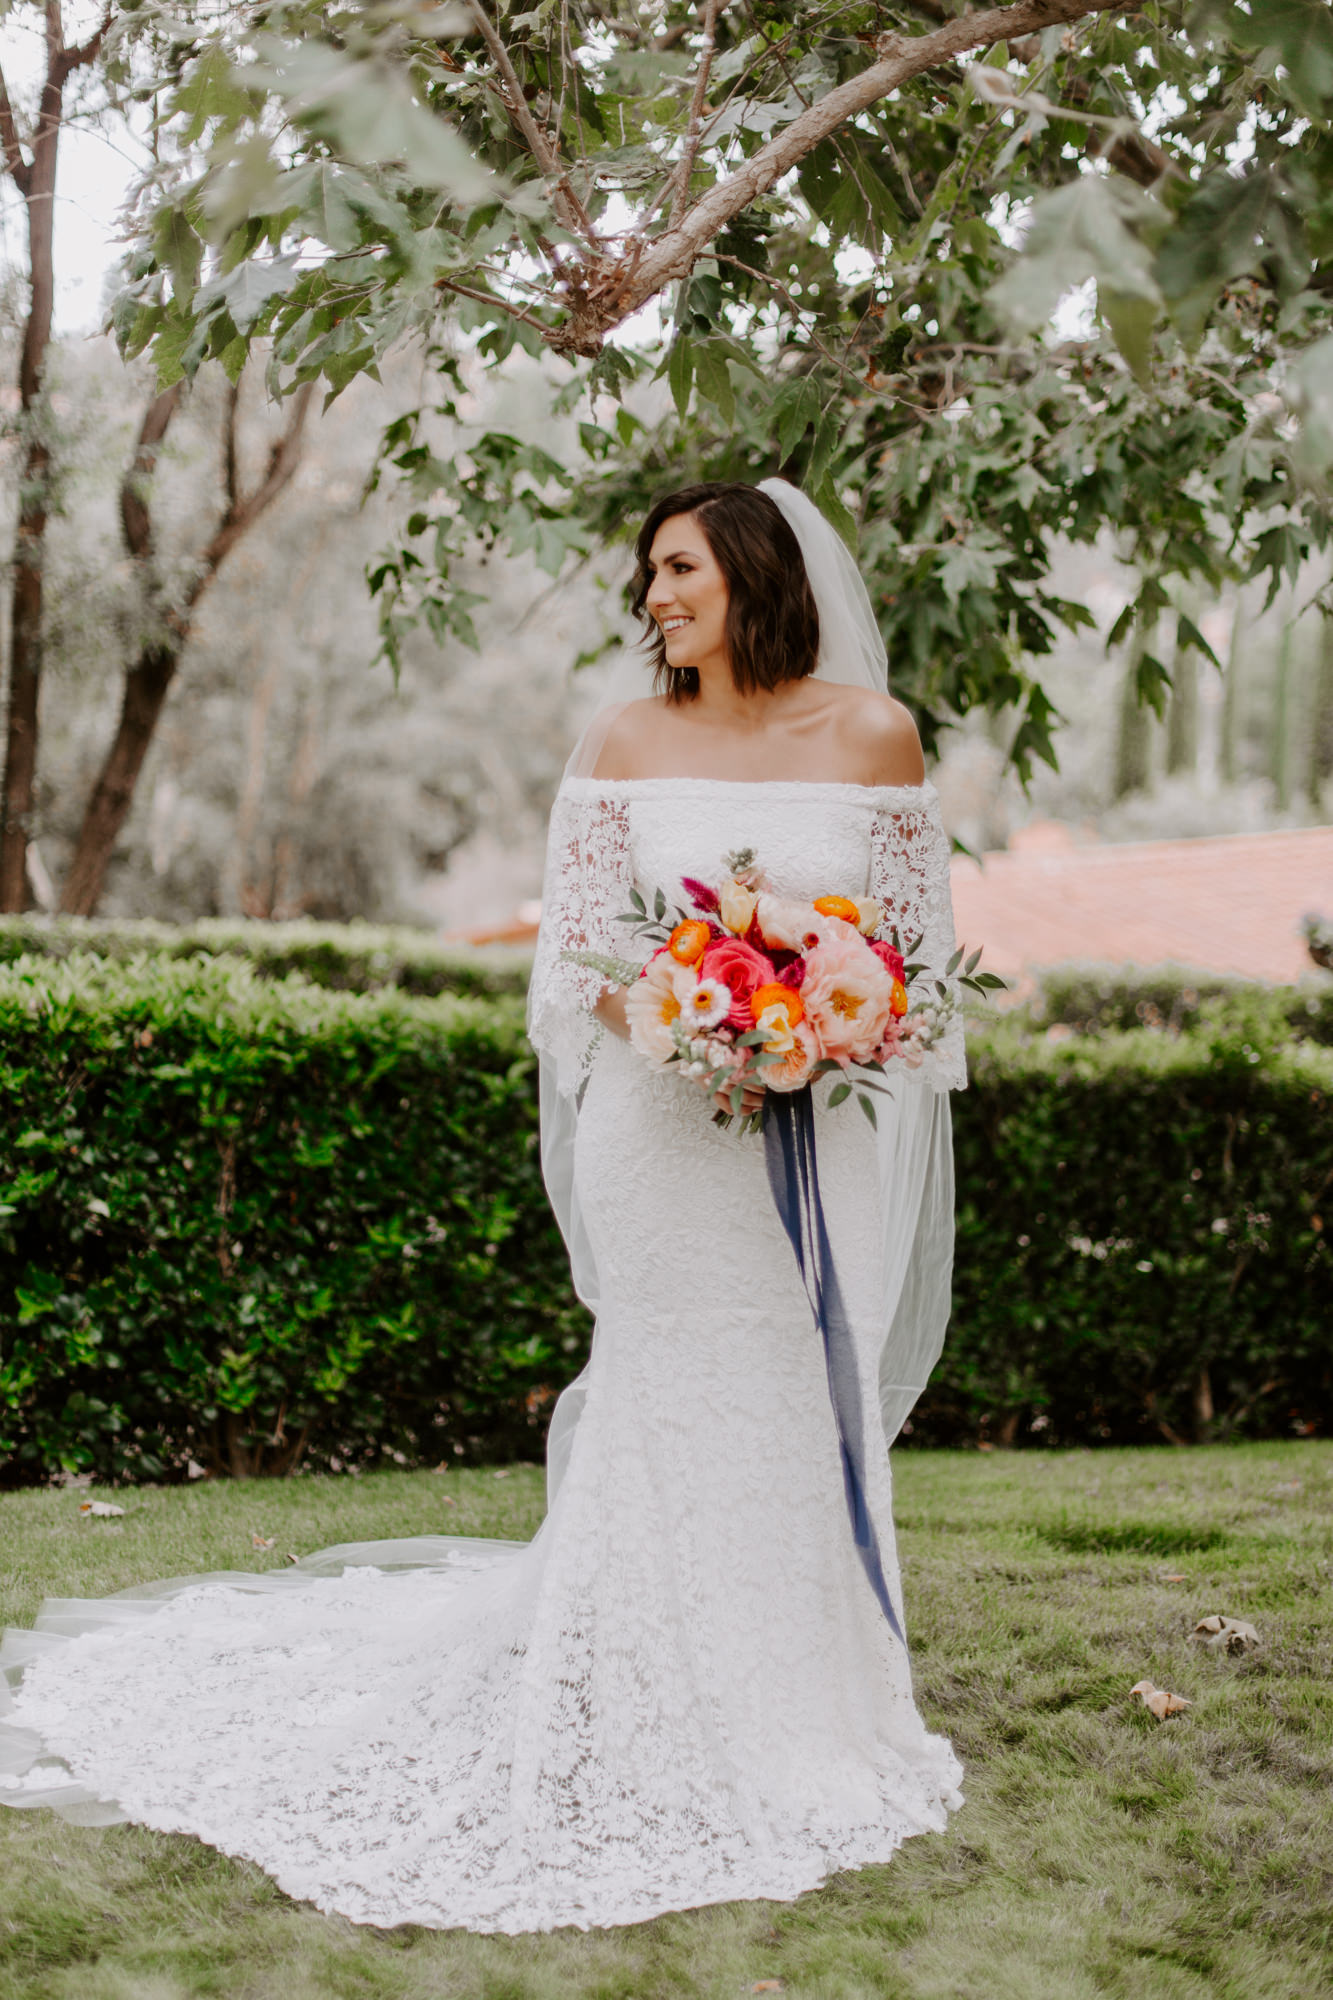 Rancho bernardo Inn san deigo wedding photography0024.jpg